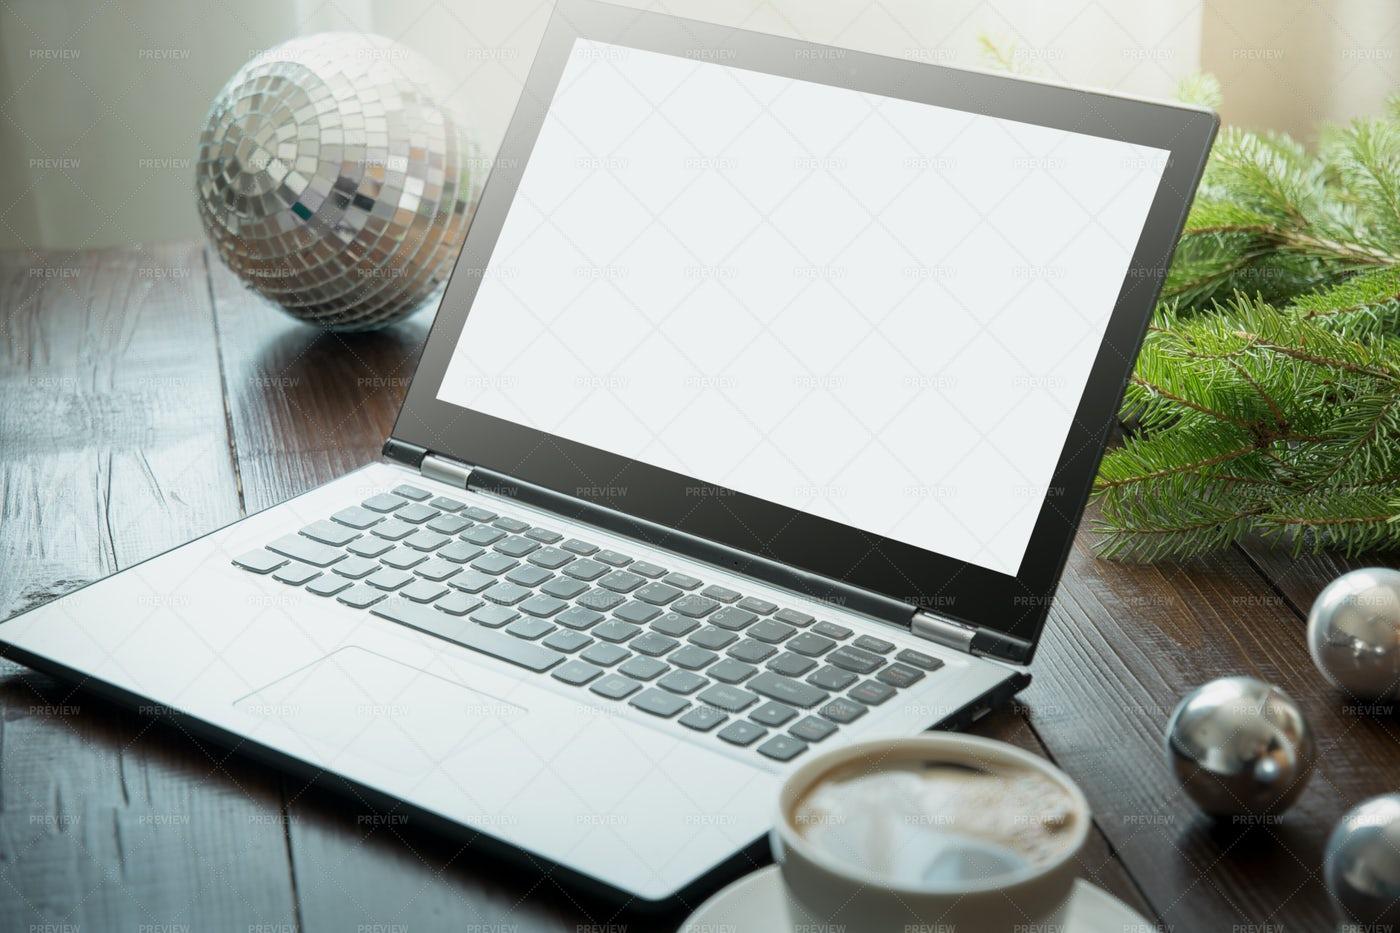 Laptop In Home Interior: Stock Photos